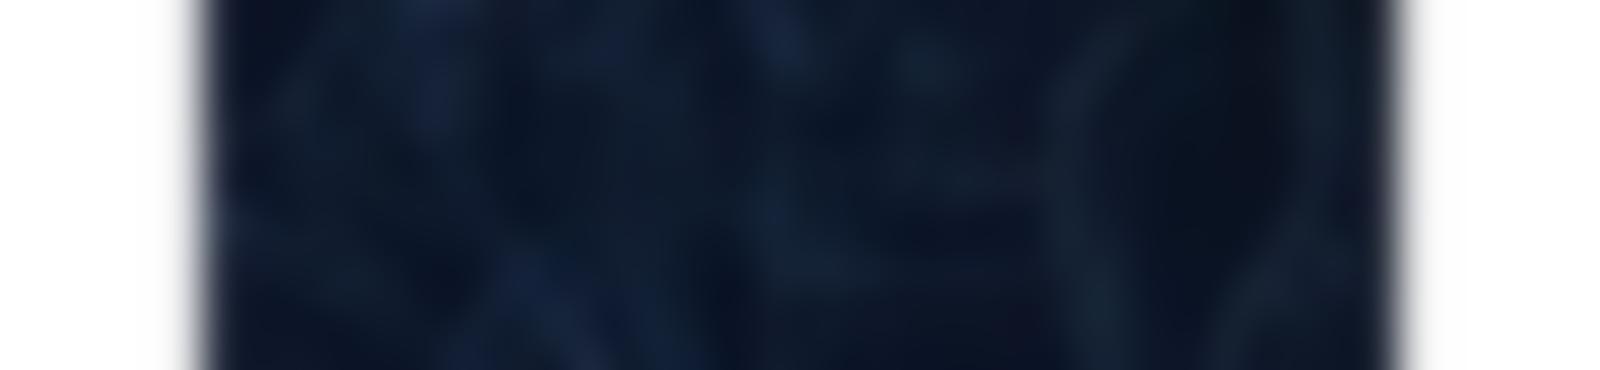 Blurred a3774c49 888d 44a6 a283 3f50969a8625